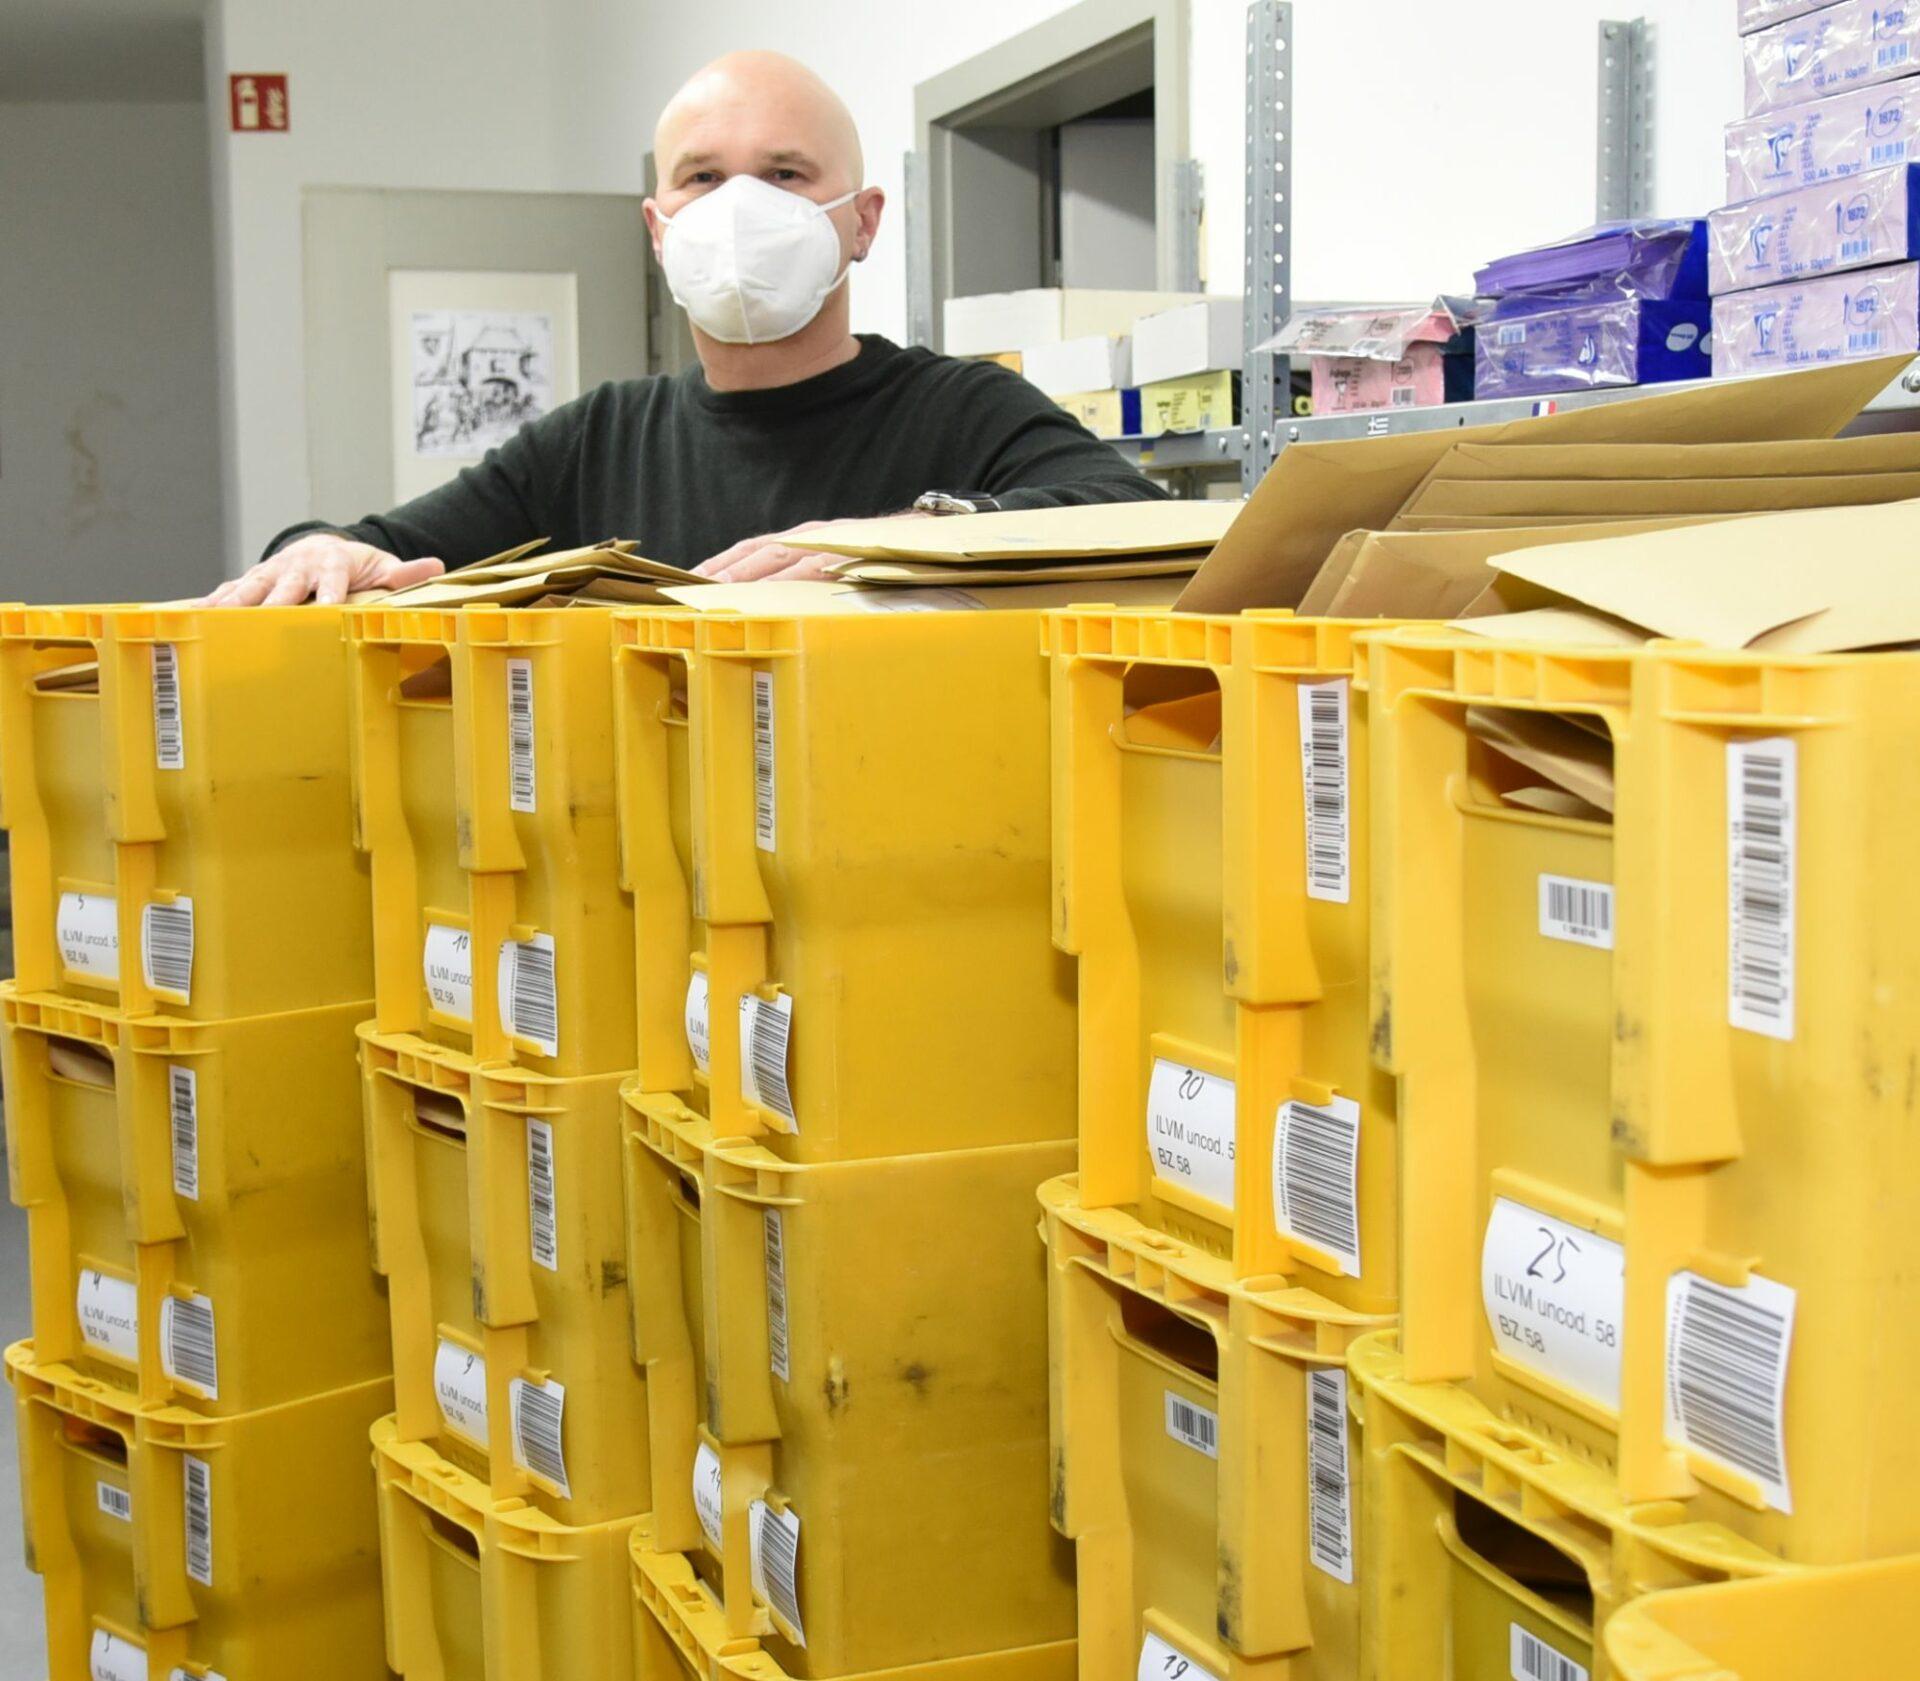 Stadt verschickt 6.000 KN95-Masken per Post an Hilfsbedürftigte